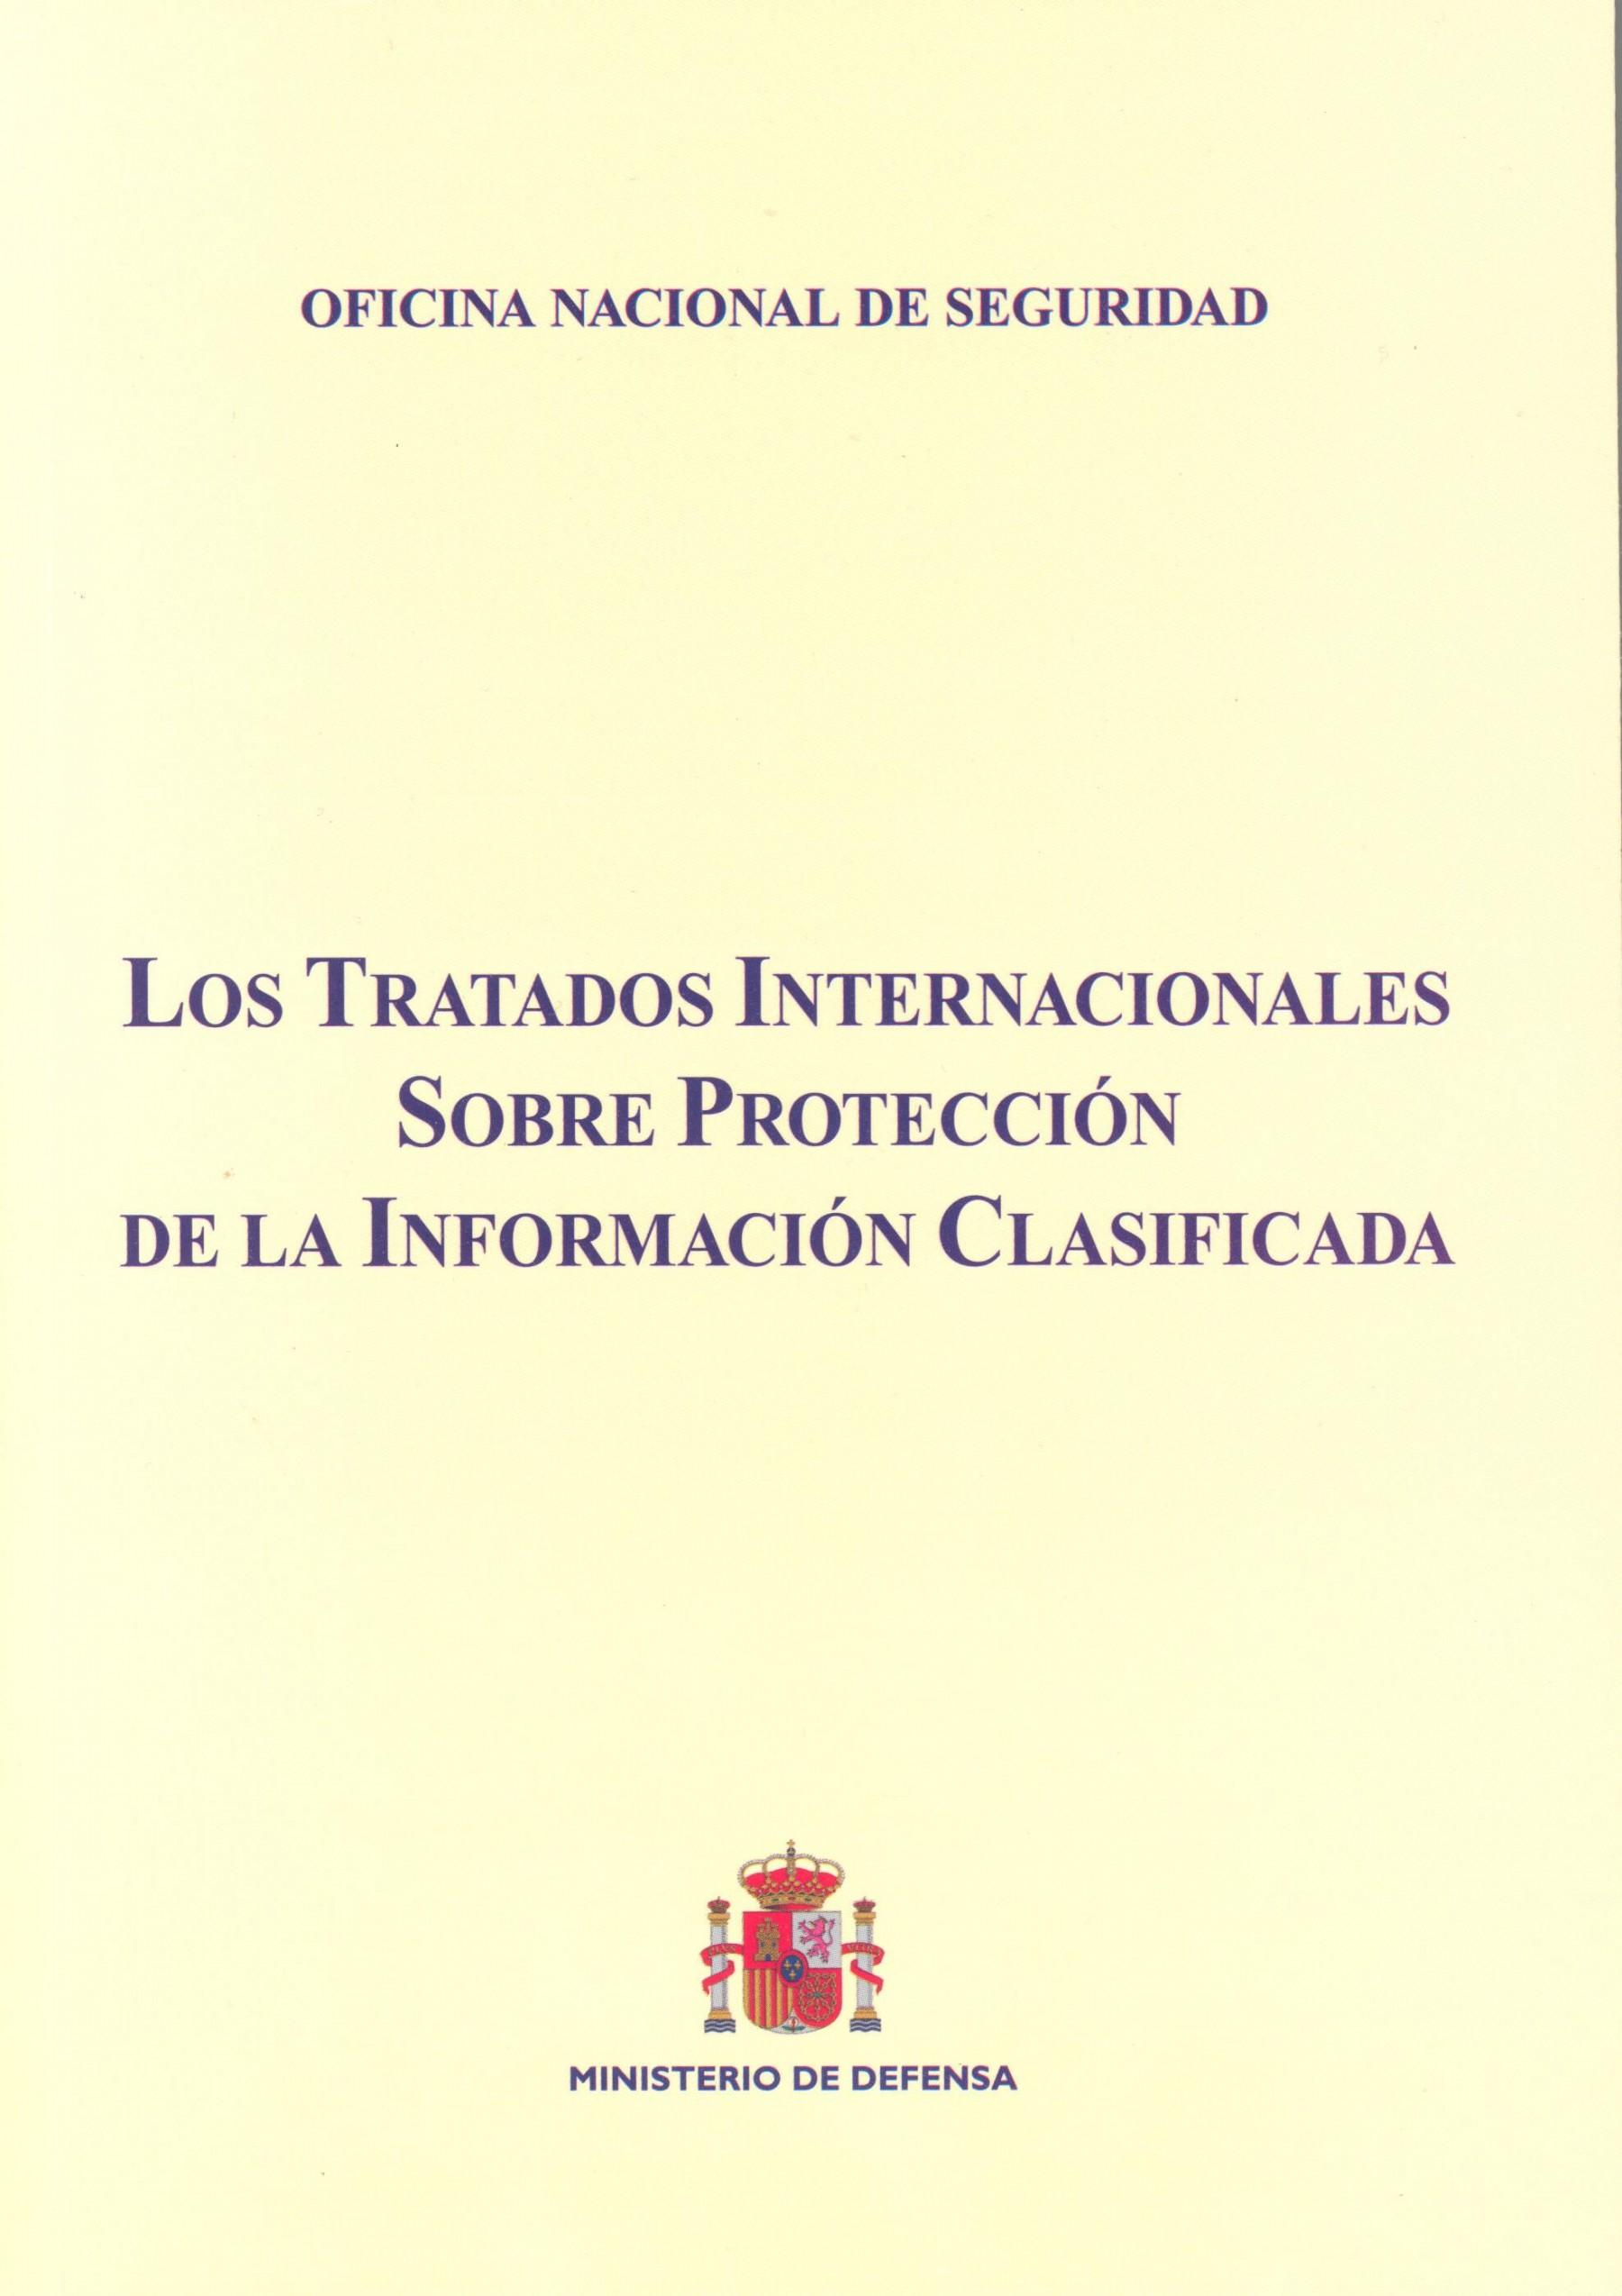 TRATADOS INTERNACIONALES SOBRE PROTECCIÓN DE LA INFORMACIÓN CLASIFICADA